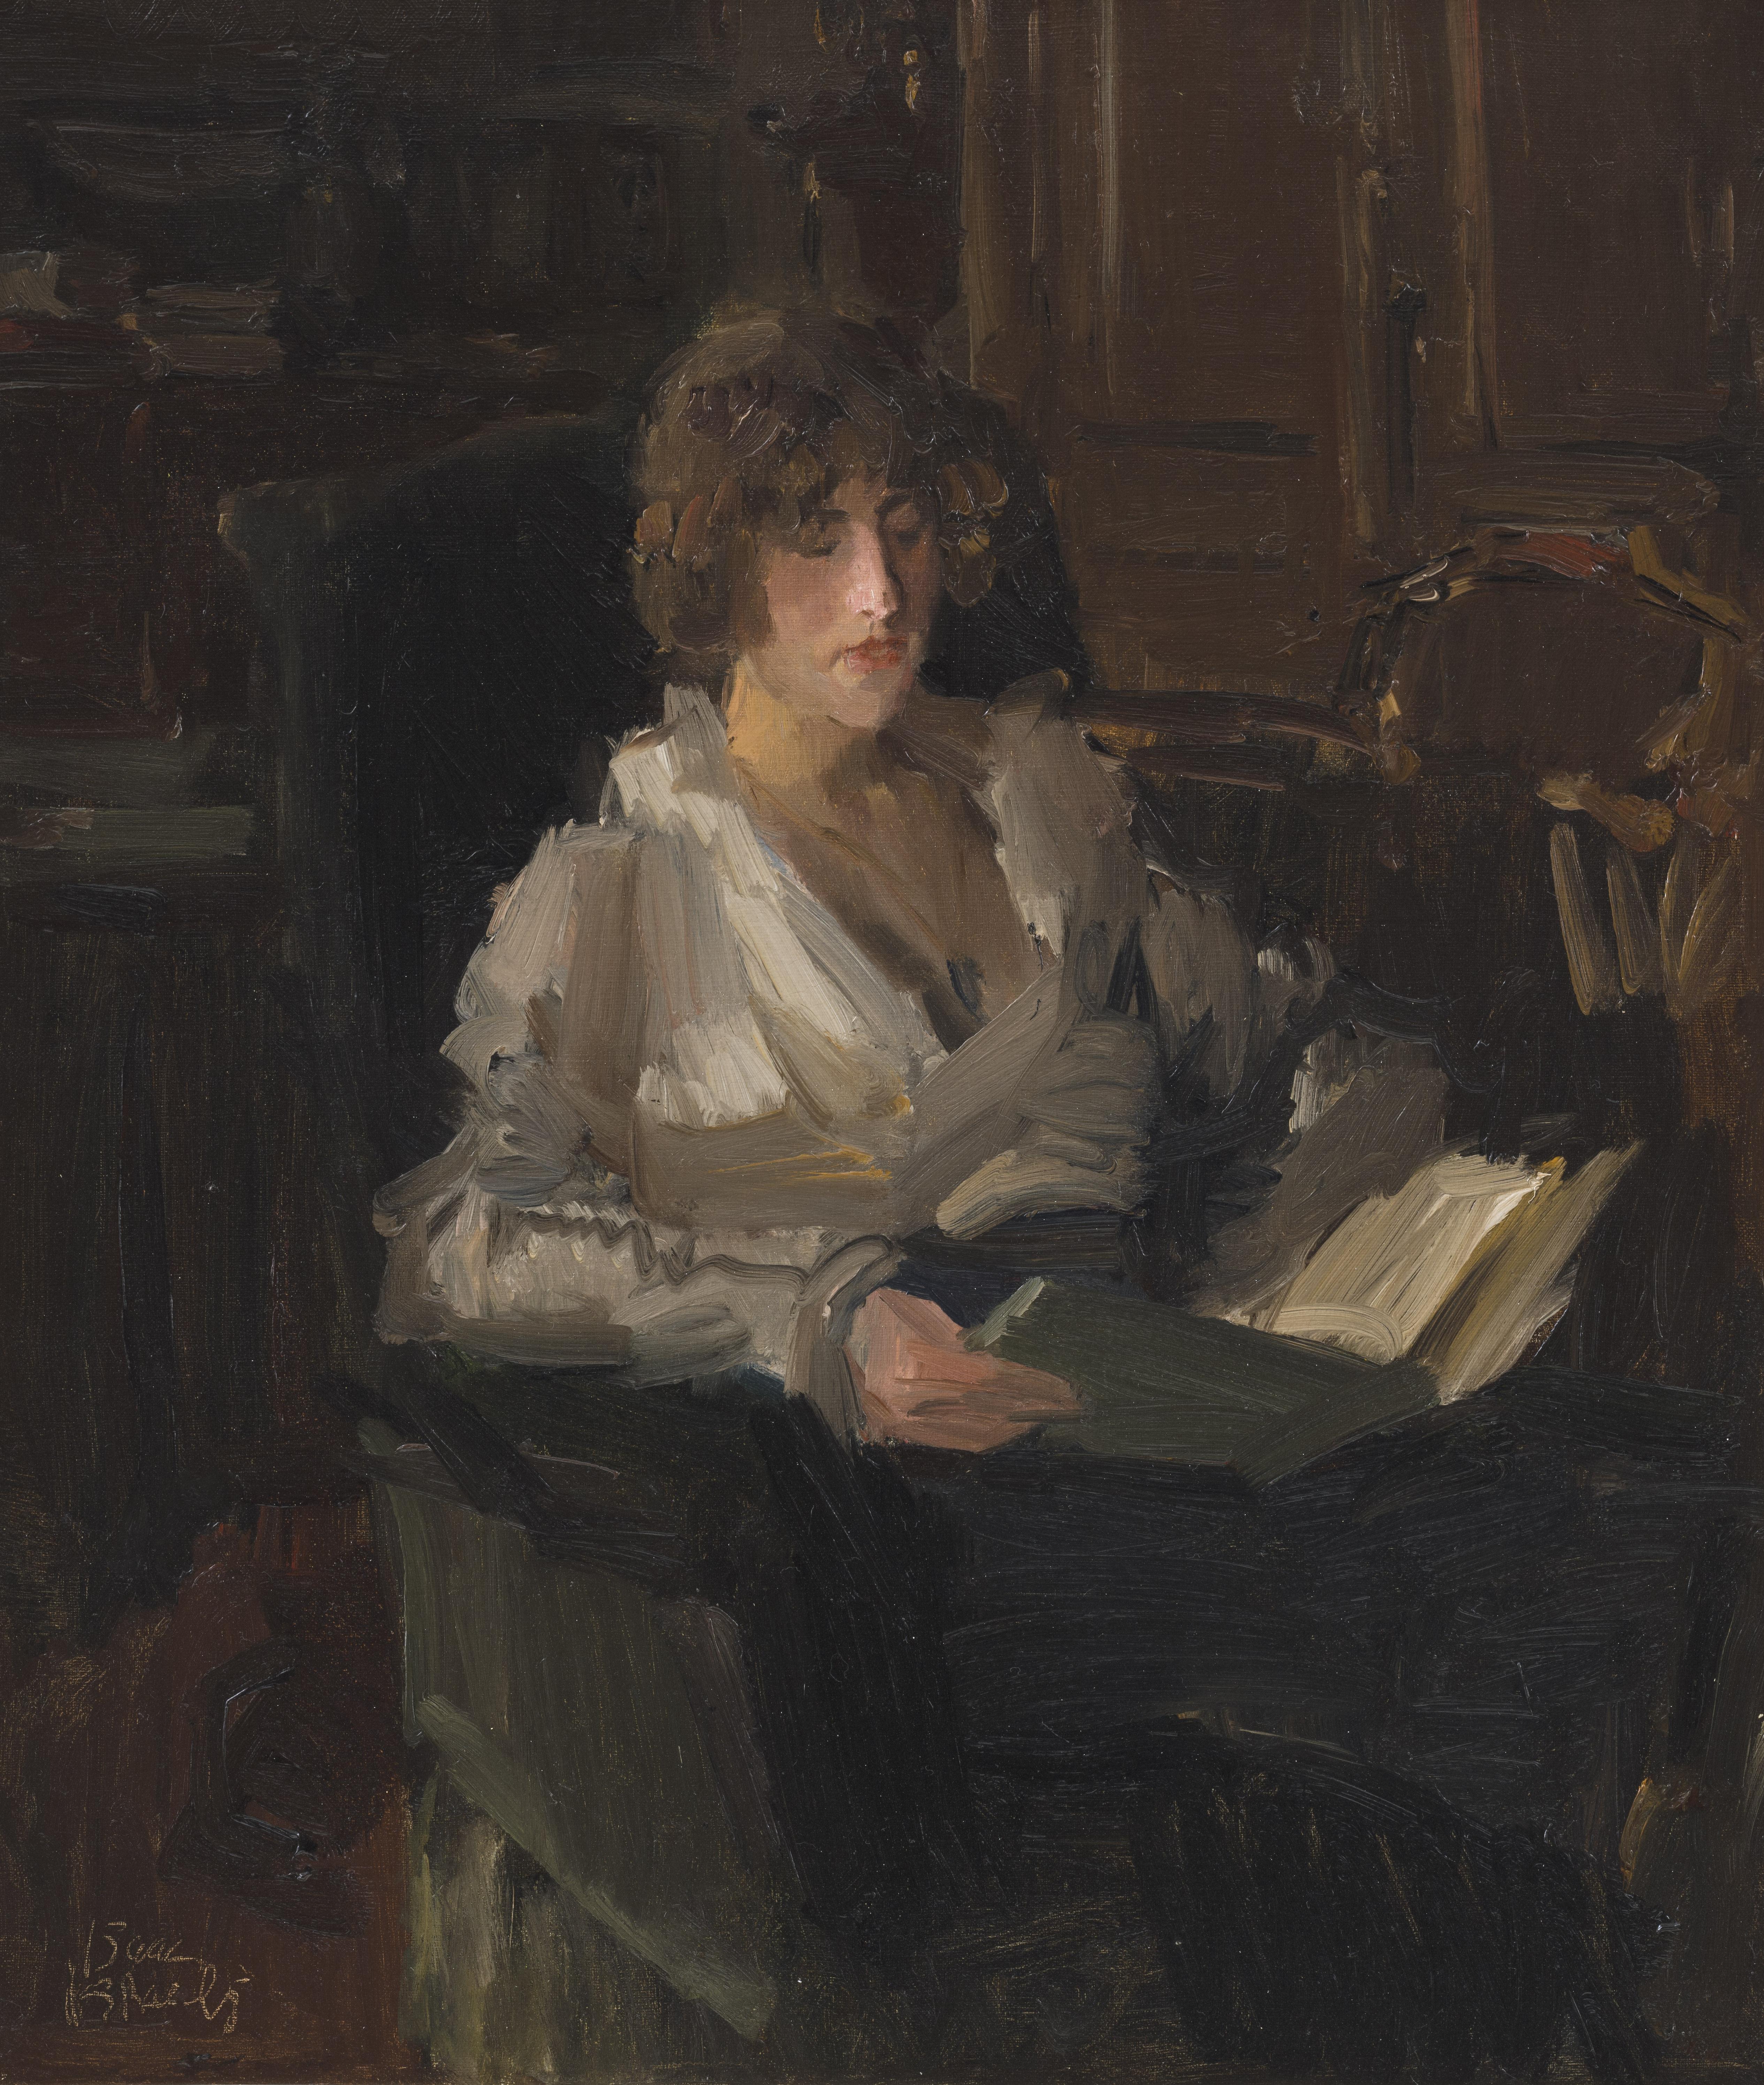 Isaac Israels | Sophie de Vries reading a book in Israels' studio in The Hague | Kunsthandel Bies | Bies Gallery